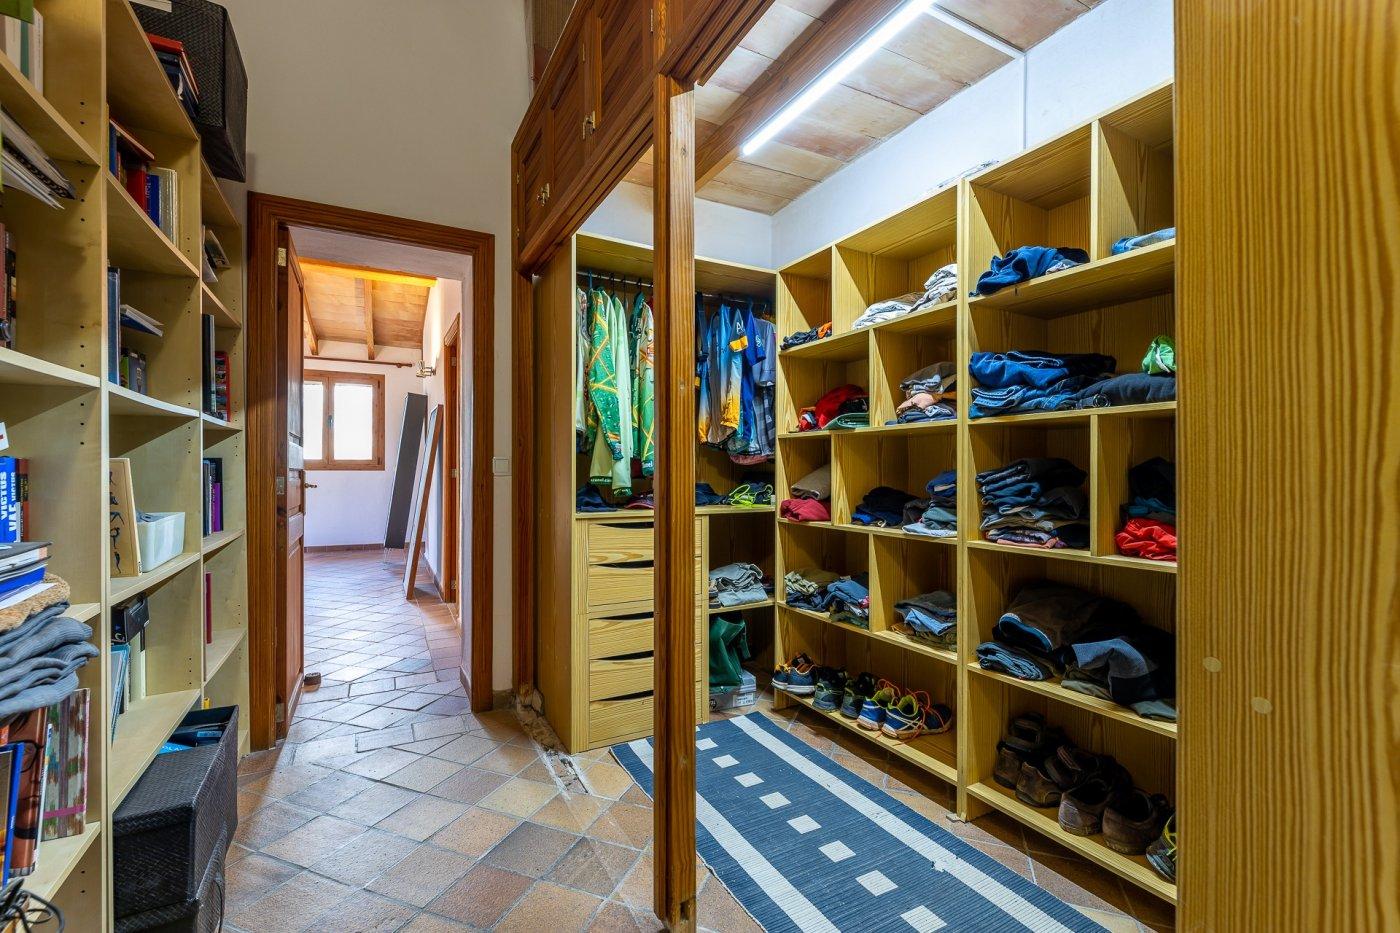 Encantadora finca rÚstica con casa de invitados  en marratxinet - imagenInmueble21